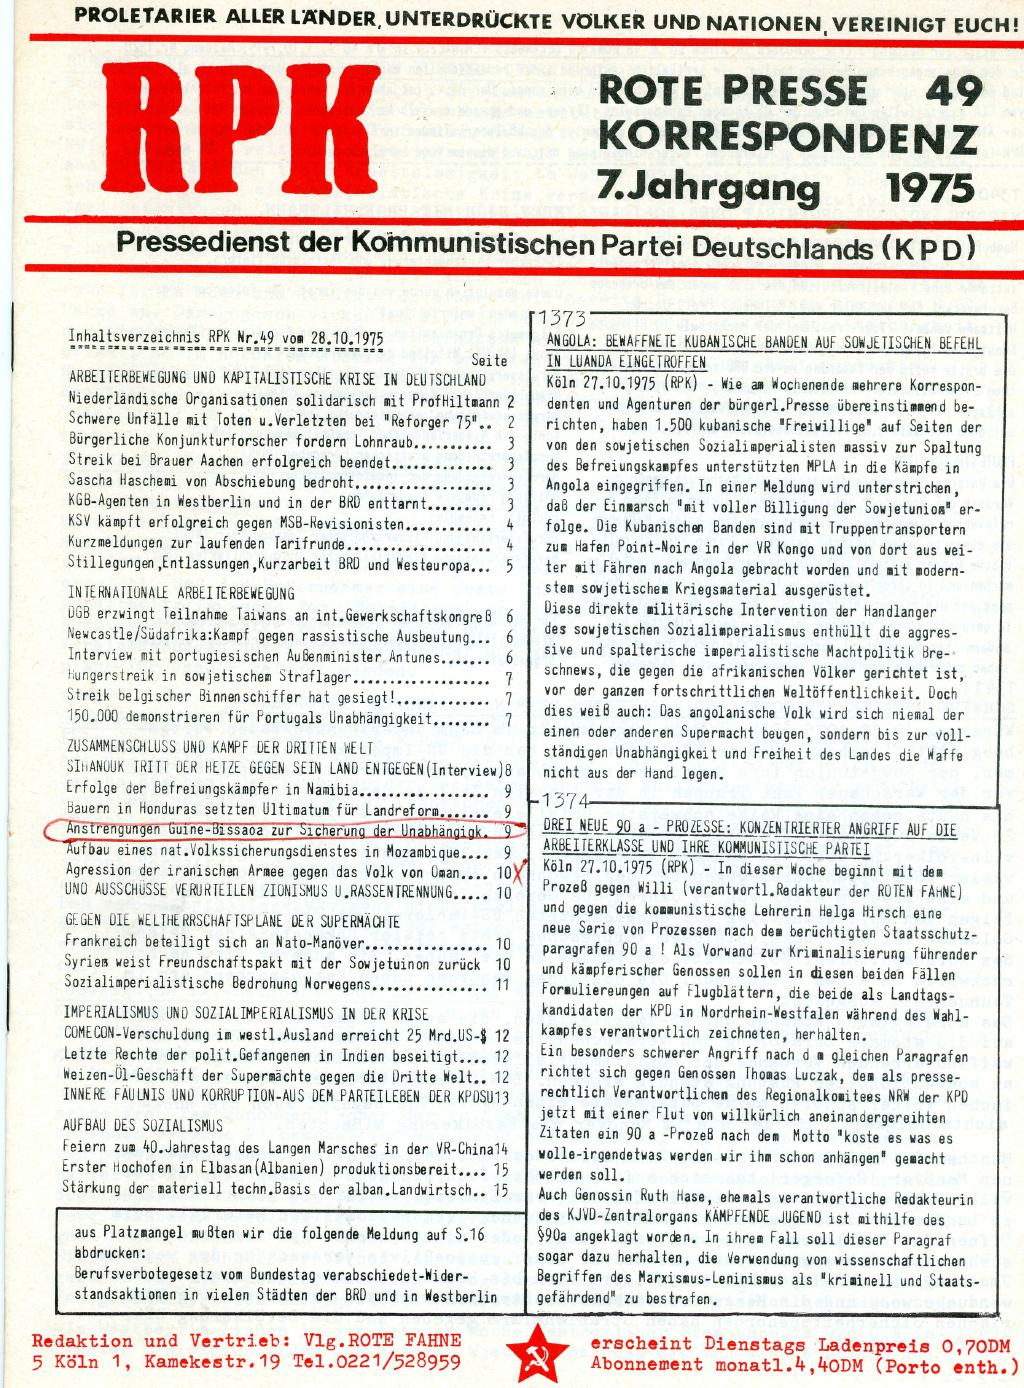 RPK_Pressedienst_1975_49_01